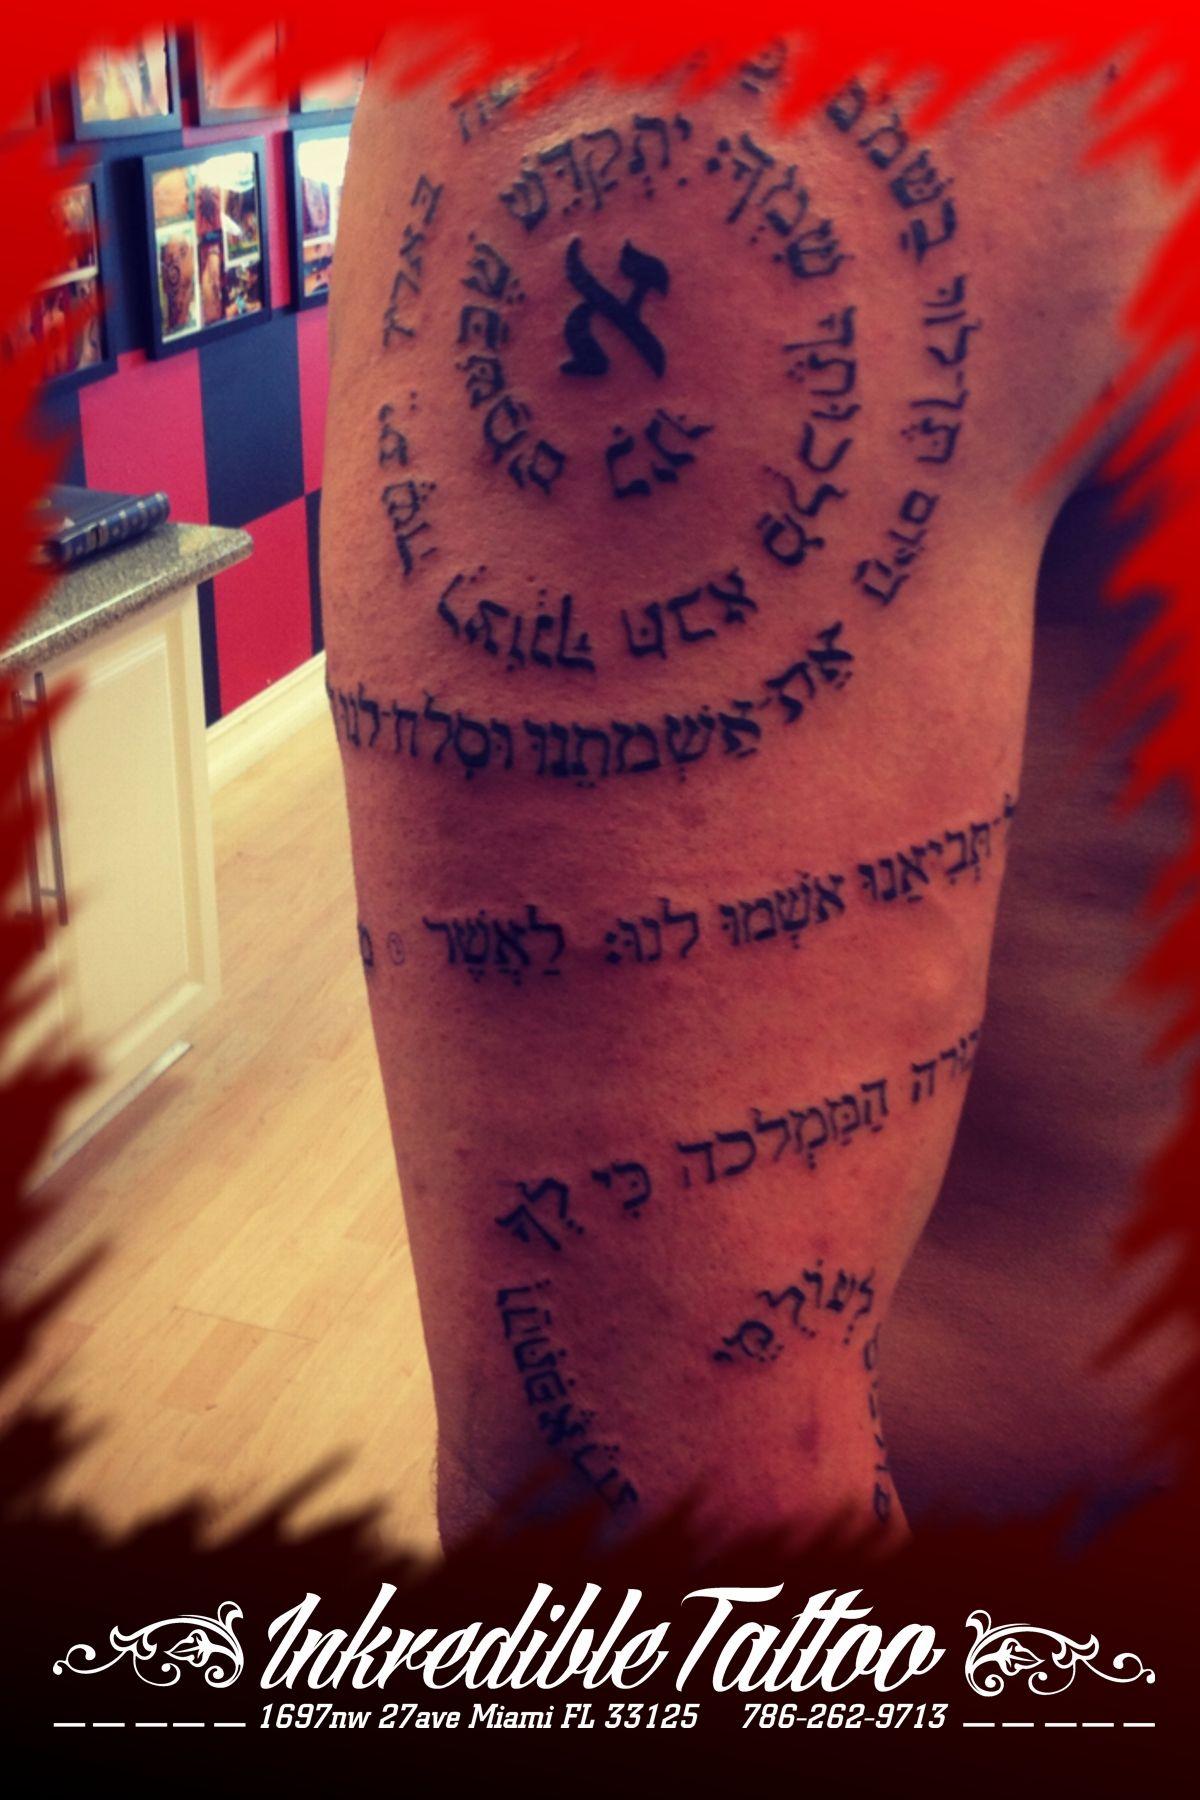 1697nw 27ave miami fl 33125 7862629713 miami tattoo